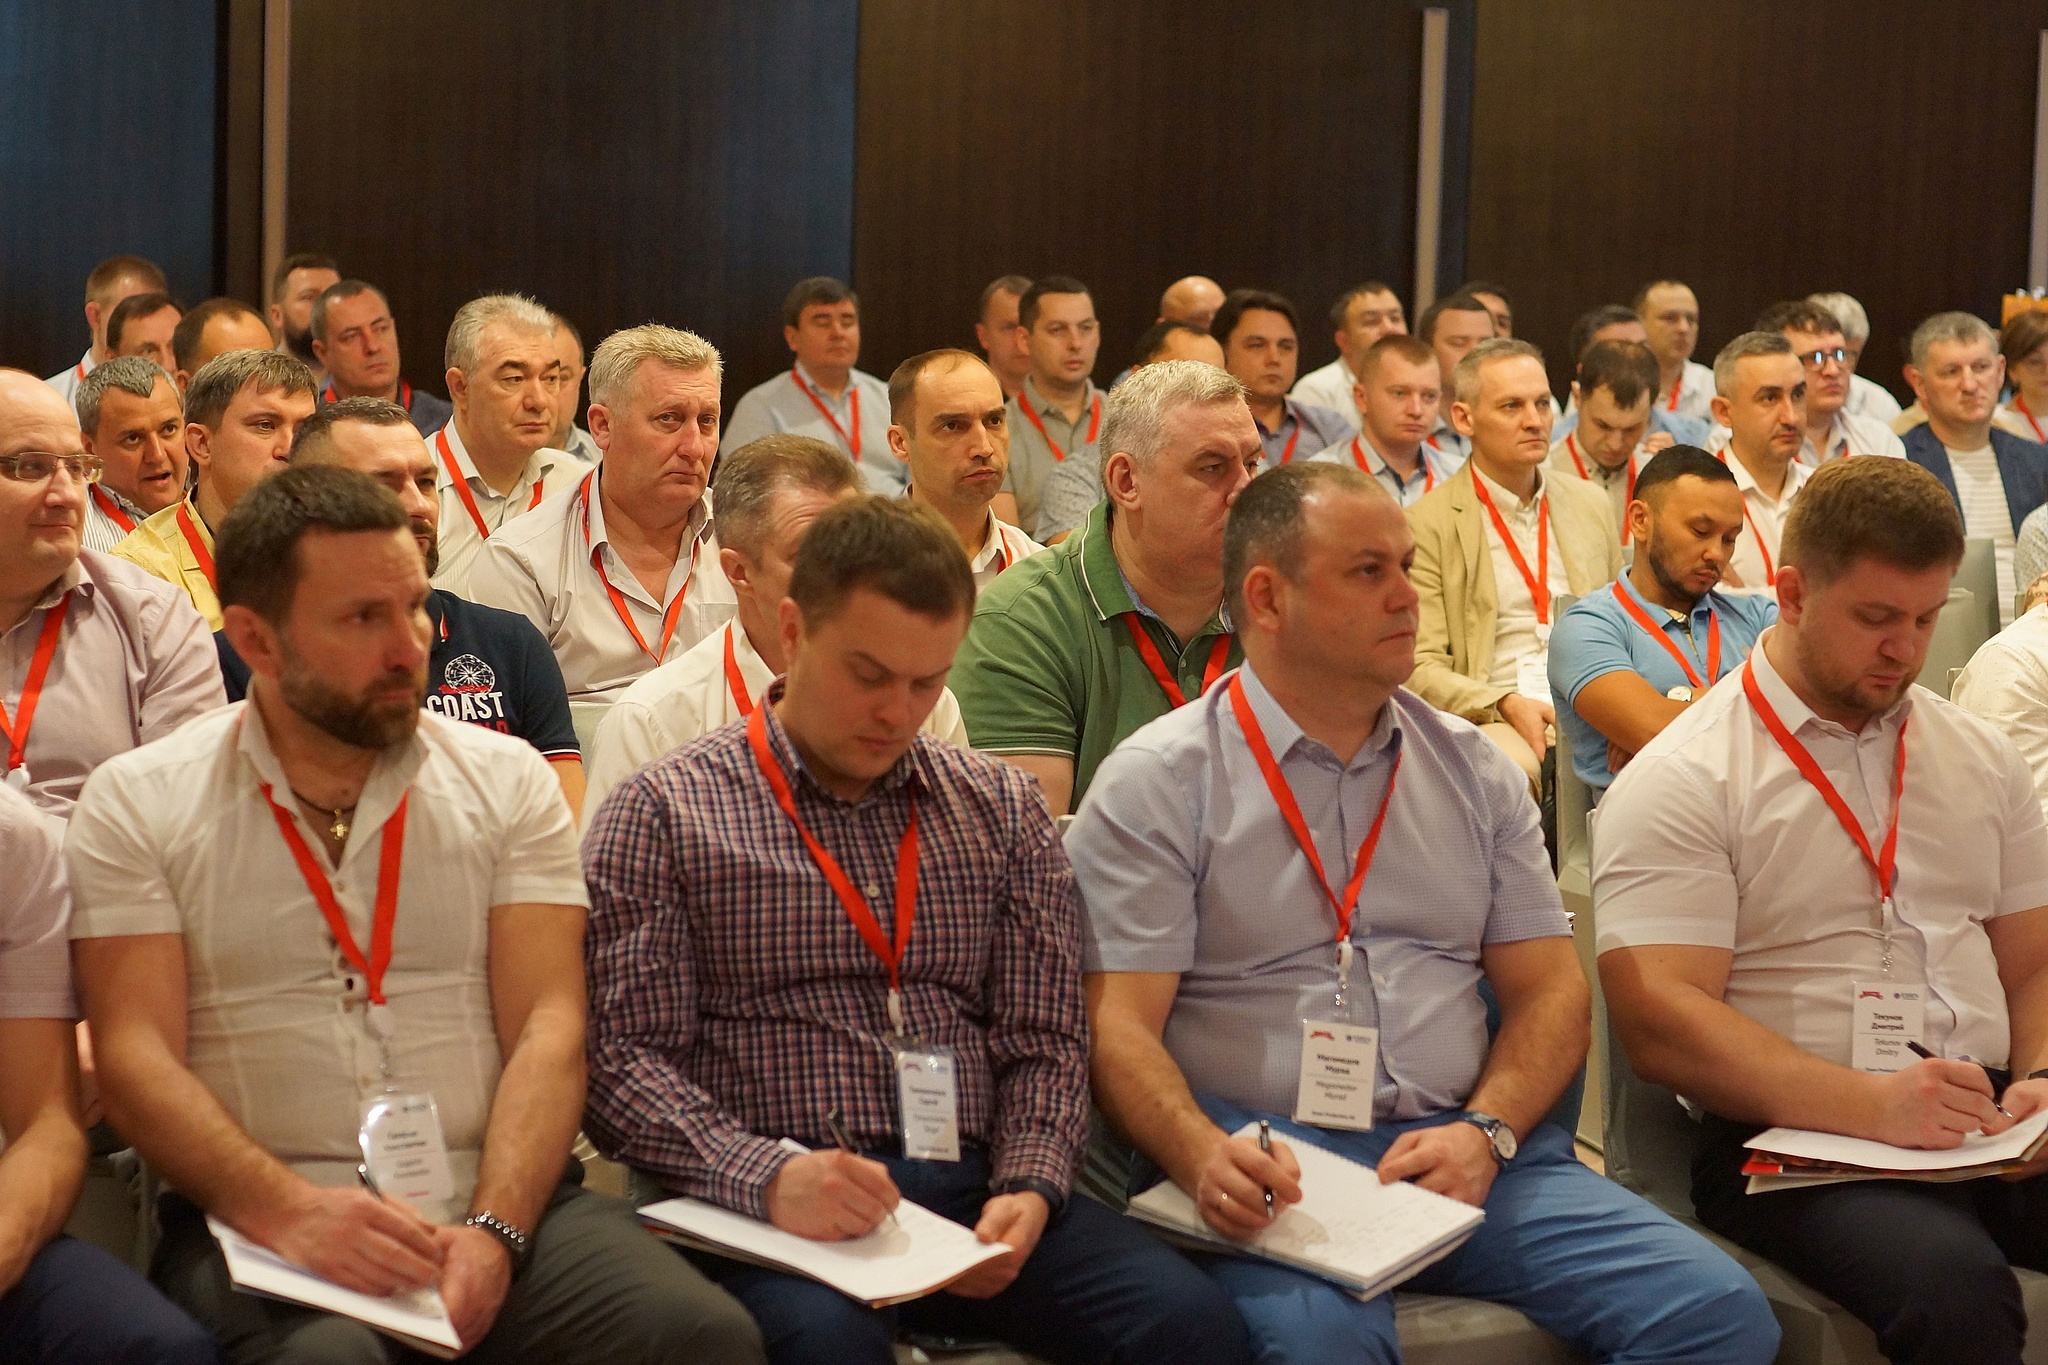 Юбилейная конференция дистрибьюторов Эссен Продакшн прошла в Малайзии